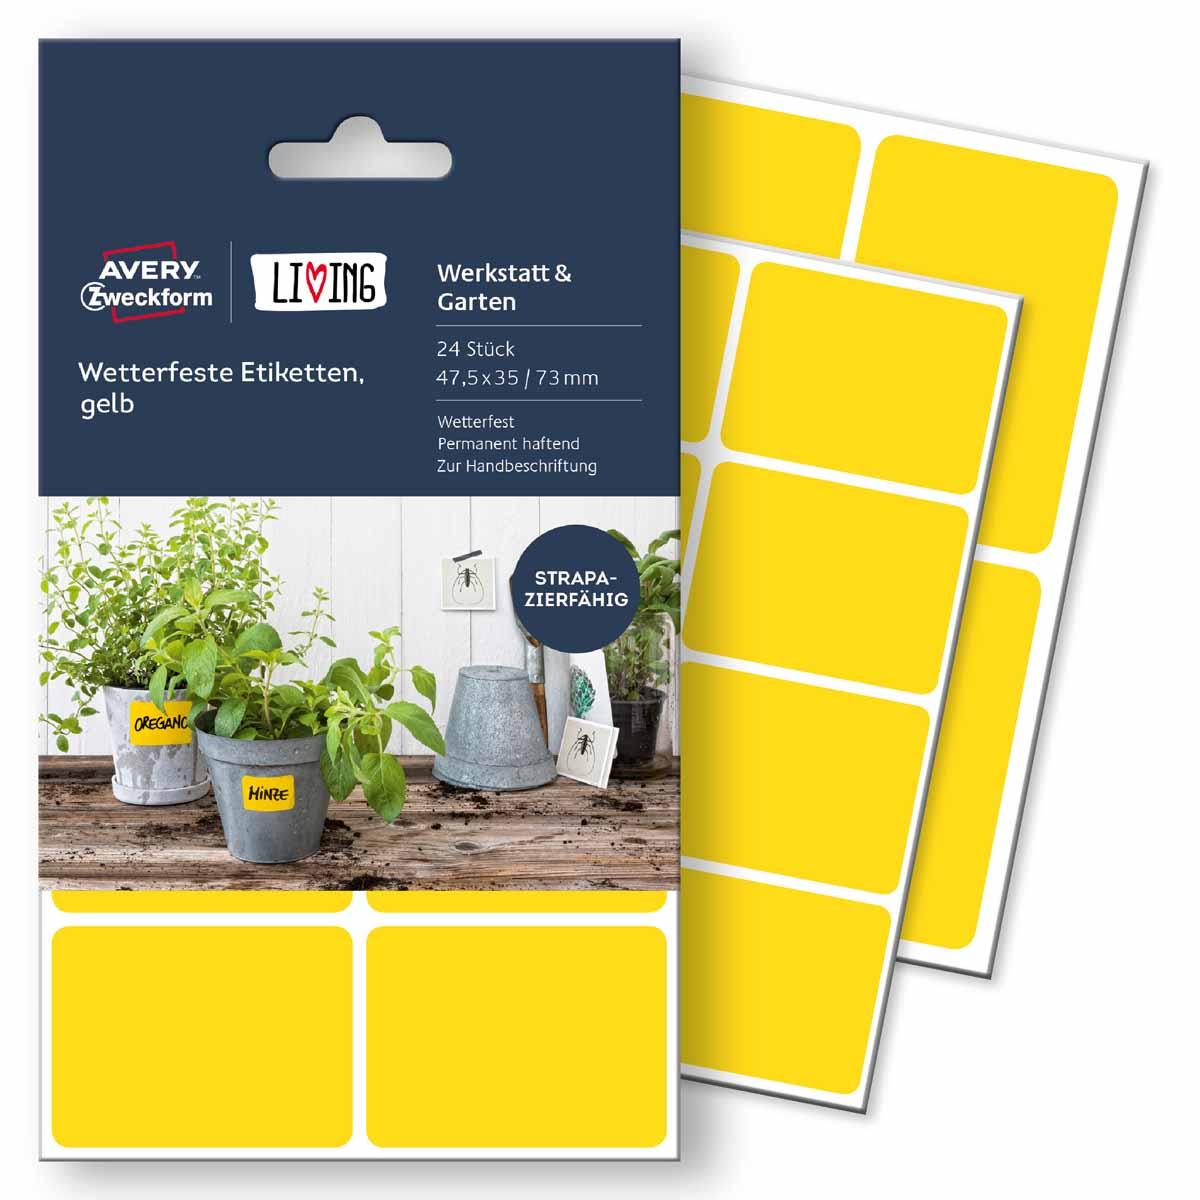 Avery Zweckform Этикетки для дома Living 47,5 х 35 мм цвет желтый62026Для этих этикеток нет плохой погоды! Всепогодные этикетки специально созданы использования на улице. Вы можете наклеивать их на цветочные горшки, почтовые ящики, мусорные баки и т.д. Они отлично выдерживают холода, дожди и прочие погодные условия. Материал: полиэстер. Кол-во: 2 листа/16 этикеток. Применение: для надписи от руки. Область применения: водо-,грязе-, масло-, термостойкие (выдерживают перепад температур от -20 С до + 80 С), надежное крепление на различных поверхностях. Тип клеящейся поверхности: перманентные Цвет: желтый Размеры: 47,5 х 35 мм Количество листов в упаковке: 4 Этикеток на листе: 6 Этикеток в упаковке: 24 Форма: прямоугольная